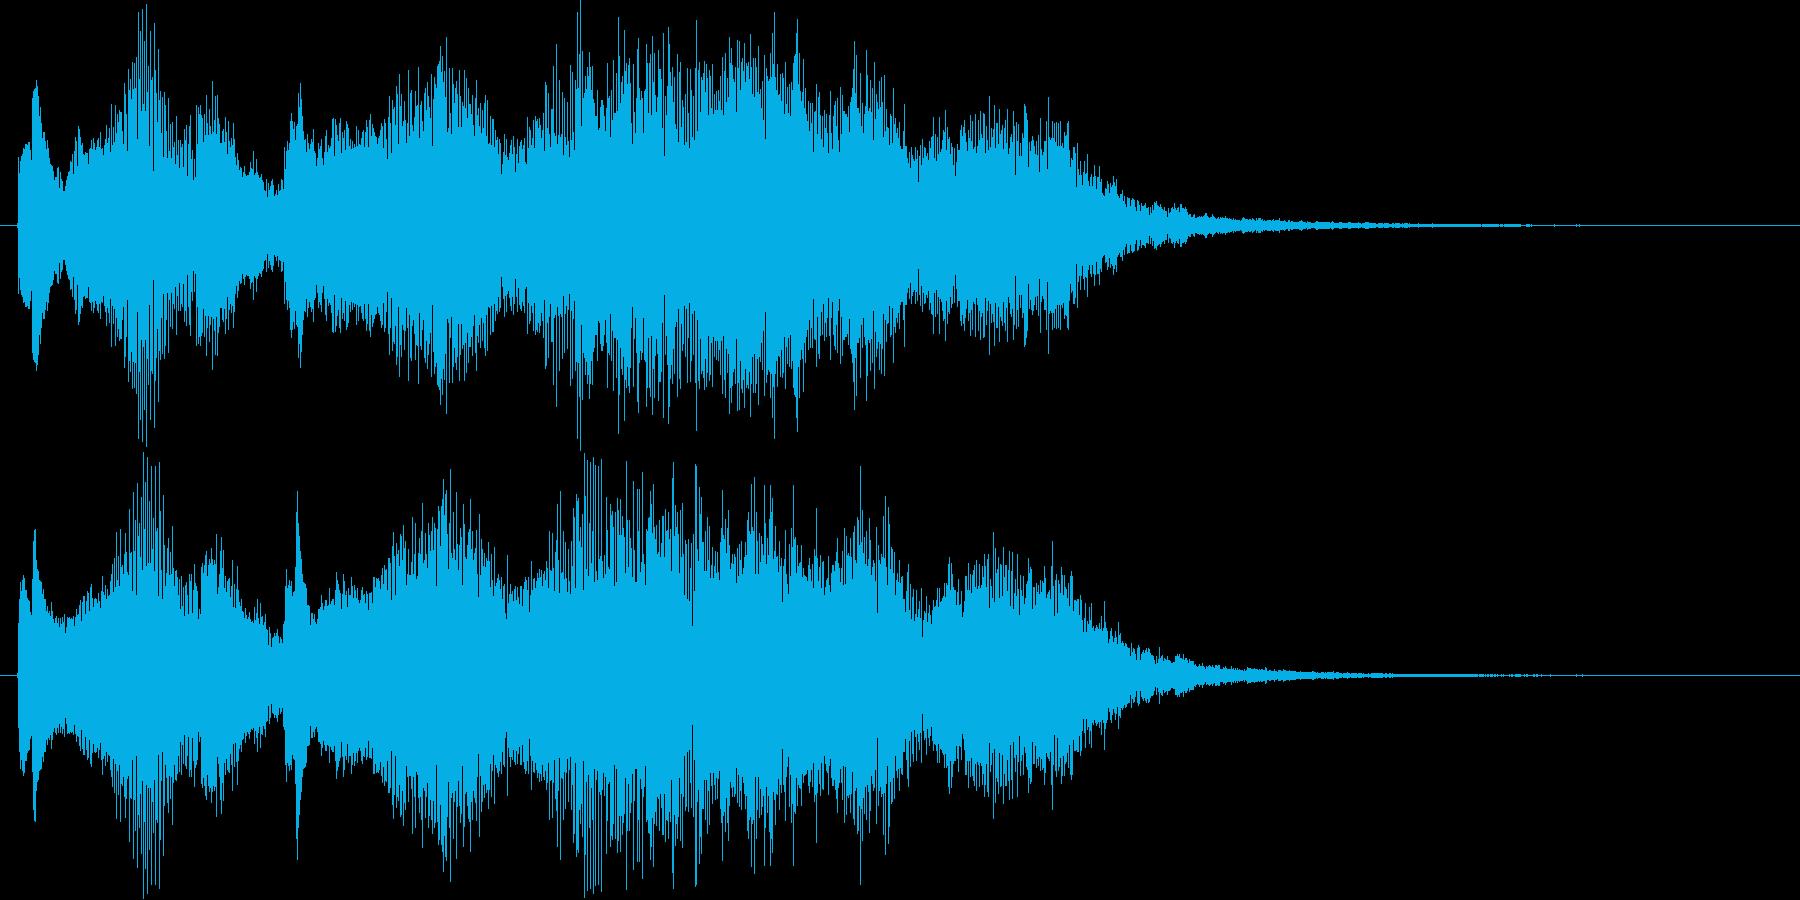 マジカルなシンセ・弦楽器など短めの再生済みの波形